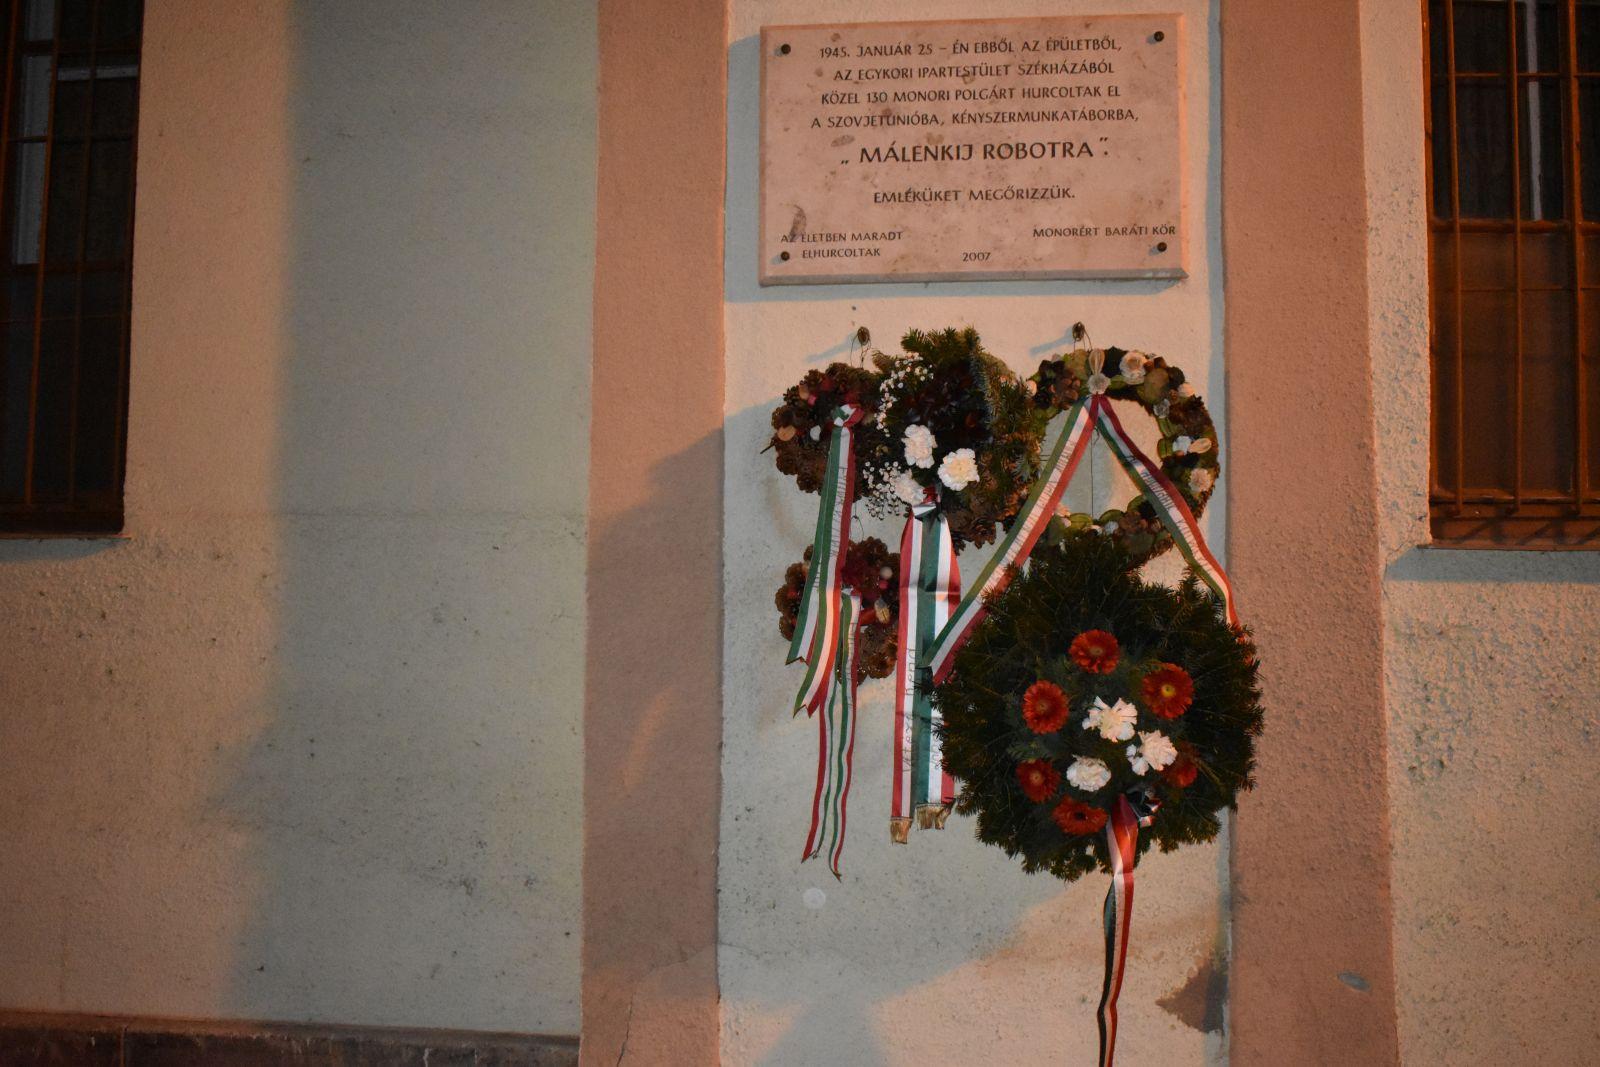 Megemlékezés a Kommunista Diktatúra Áldozatainak emléknapja alkalmából